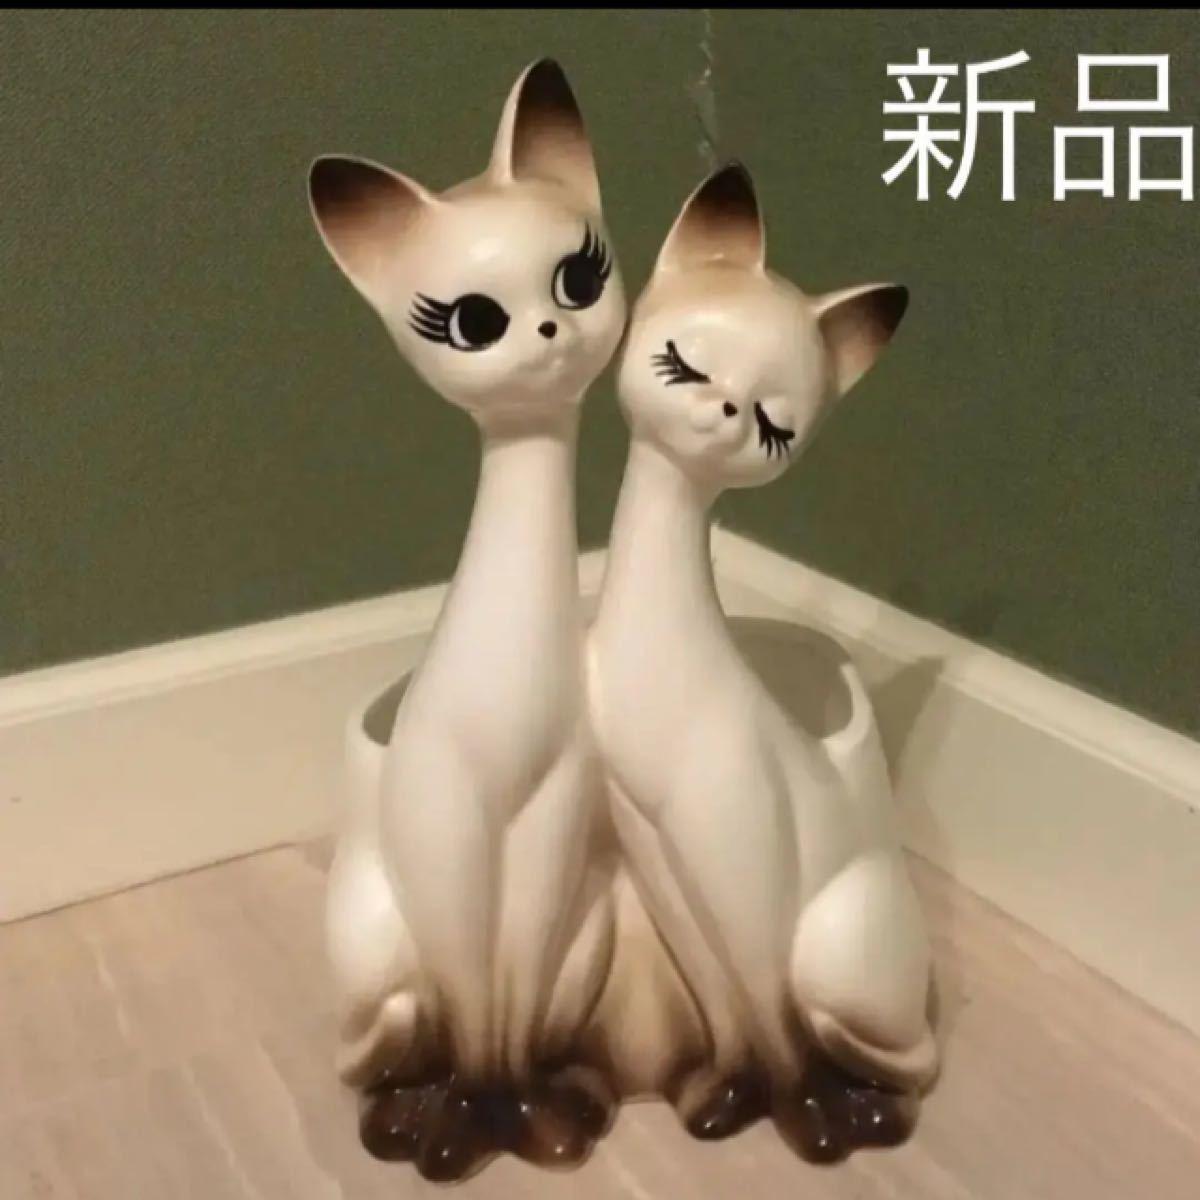 猫 猫鉢カバー 猫雑貨 猫グッズ 猫用品 猫置物 猫飾り 猫人形 ねこ ネコ シャム猫 猫鉢入れ 陶器 フラワーポット 花瓶 ペア